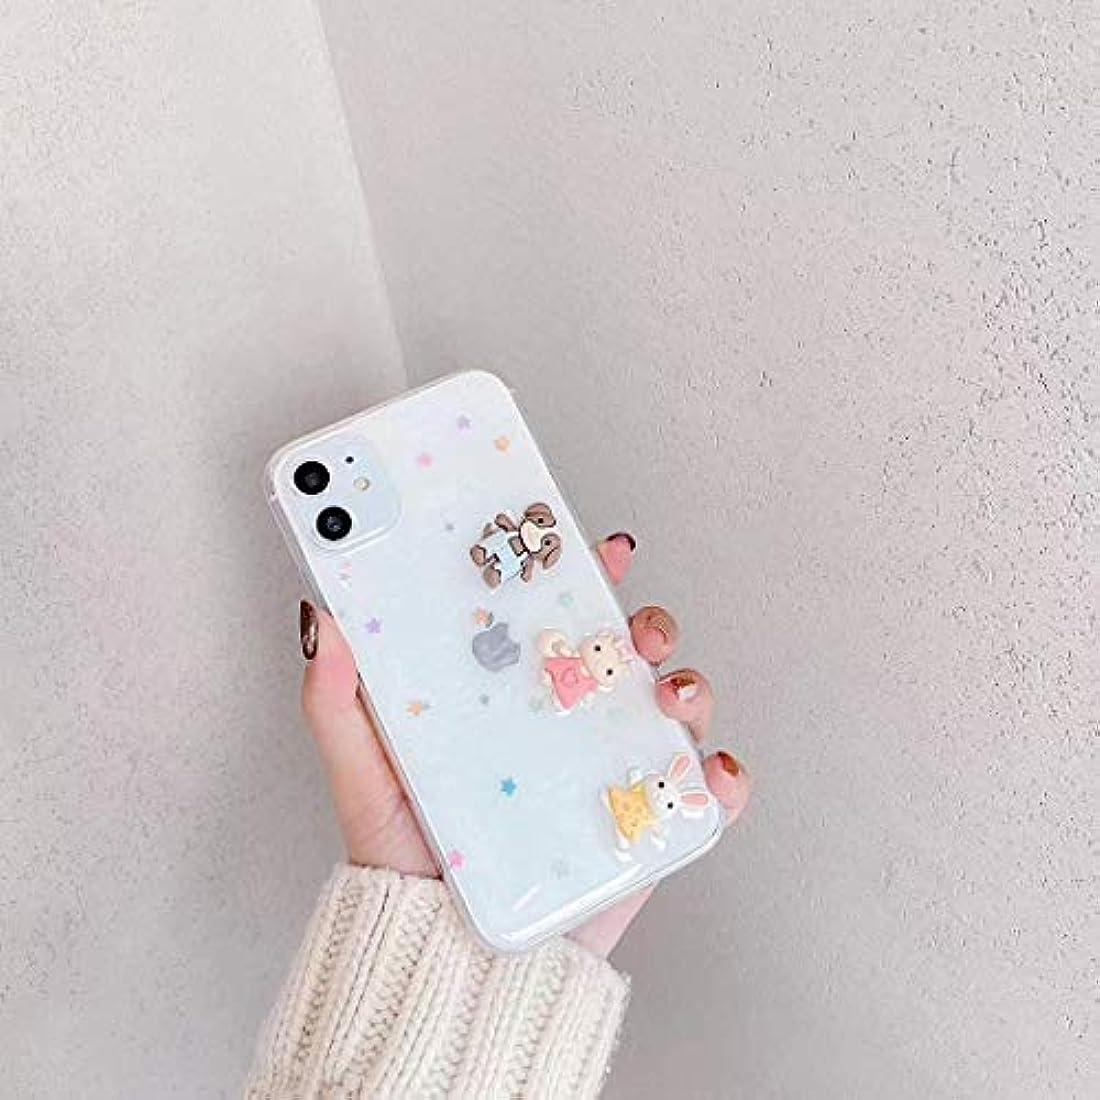 悲惨強打ダウンタウンSevenPanda iPhone 6S Plus 対応 tpu ケース, iPhone 6 Plus ケースブリンブリン スパークル 綺麗 太陽系 星 月 絵柄 薄型 一体型 ソフト TPU シリコン アイフォン Xr 適用 ケース 透明 おしゃれ 可愛い 落下防止 衝撃吸収 5.5インチ - クリア- 3動物